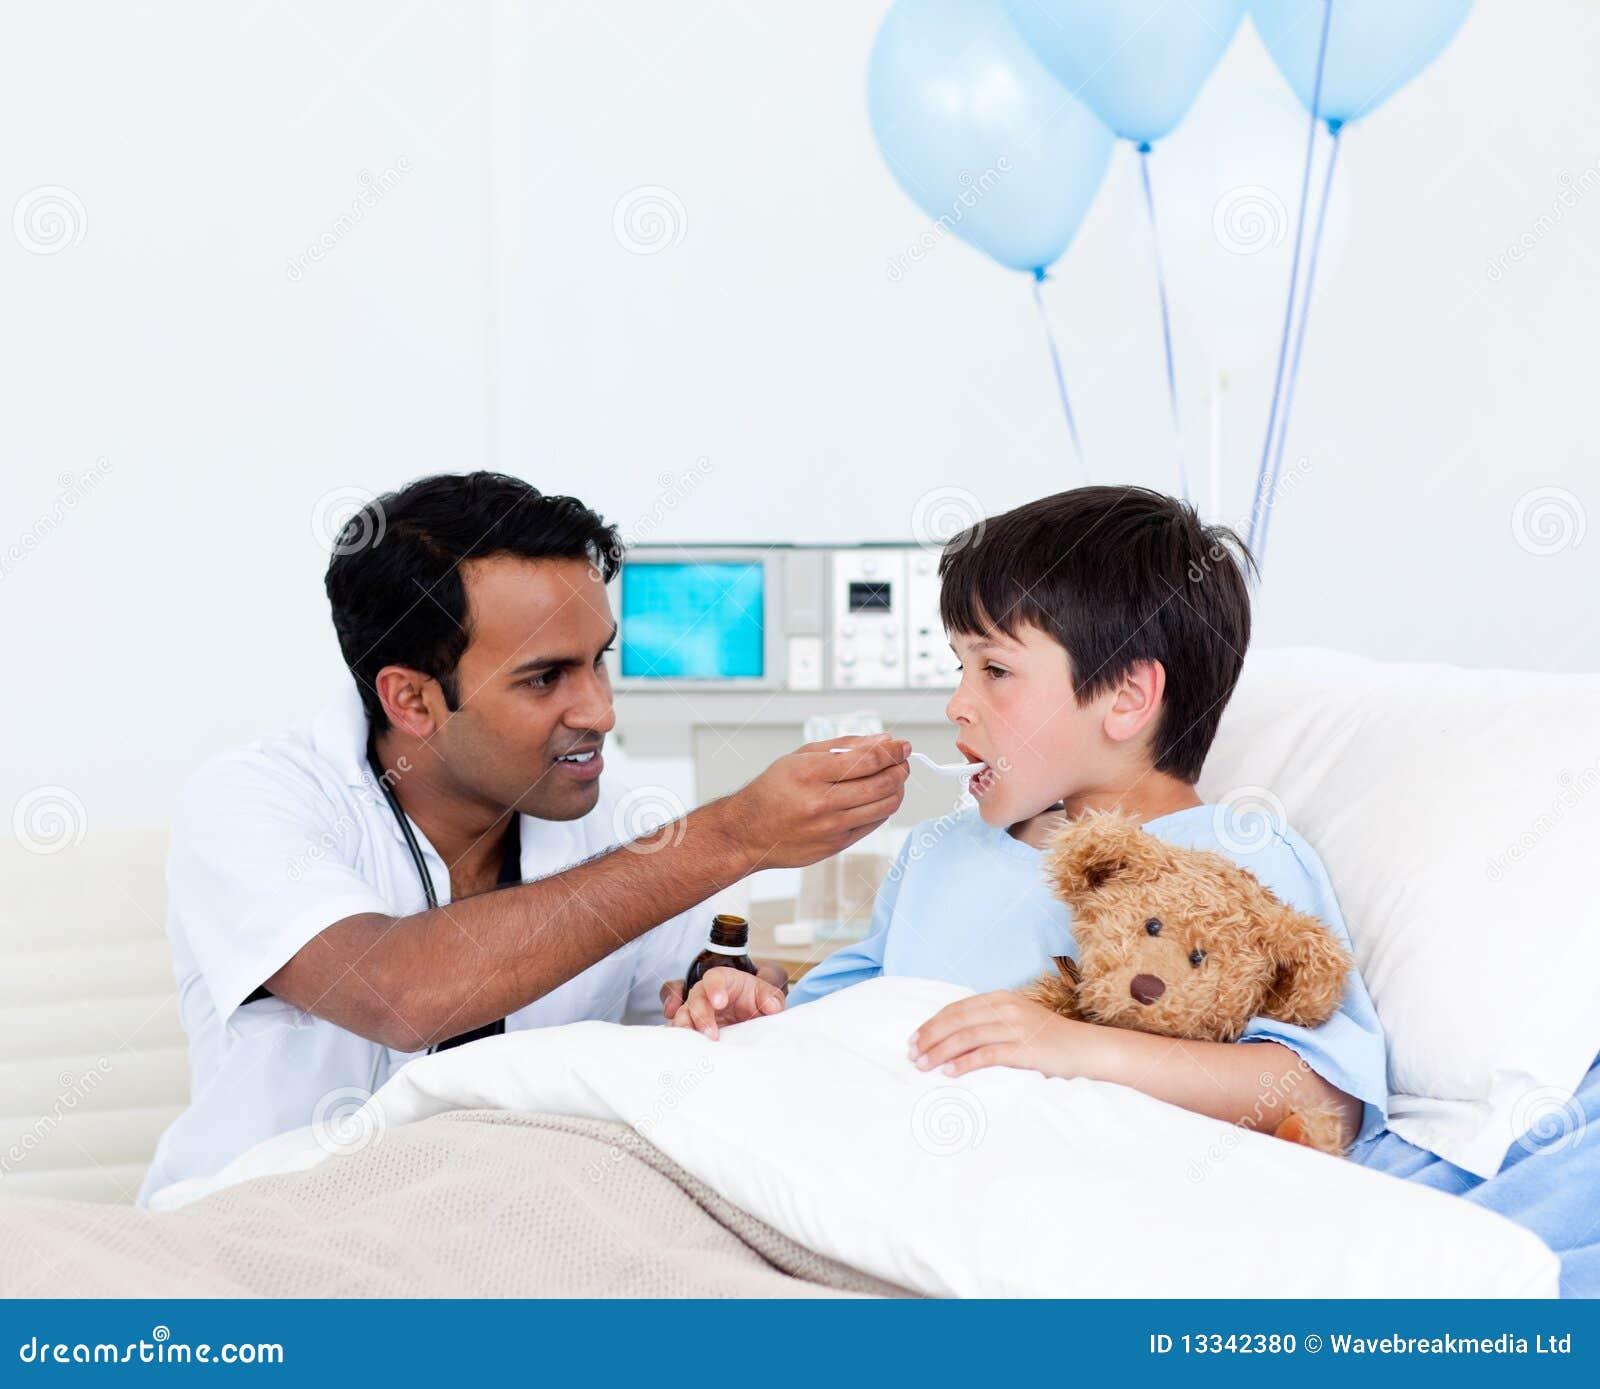 Bacznej chłopiec doktorska daje mała medycyna